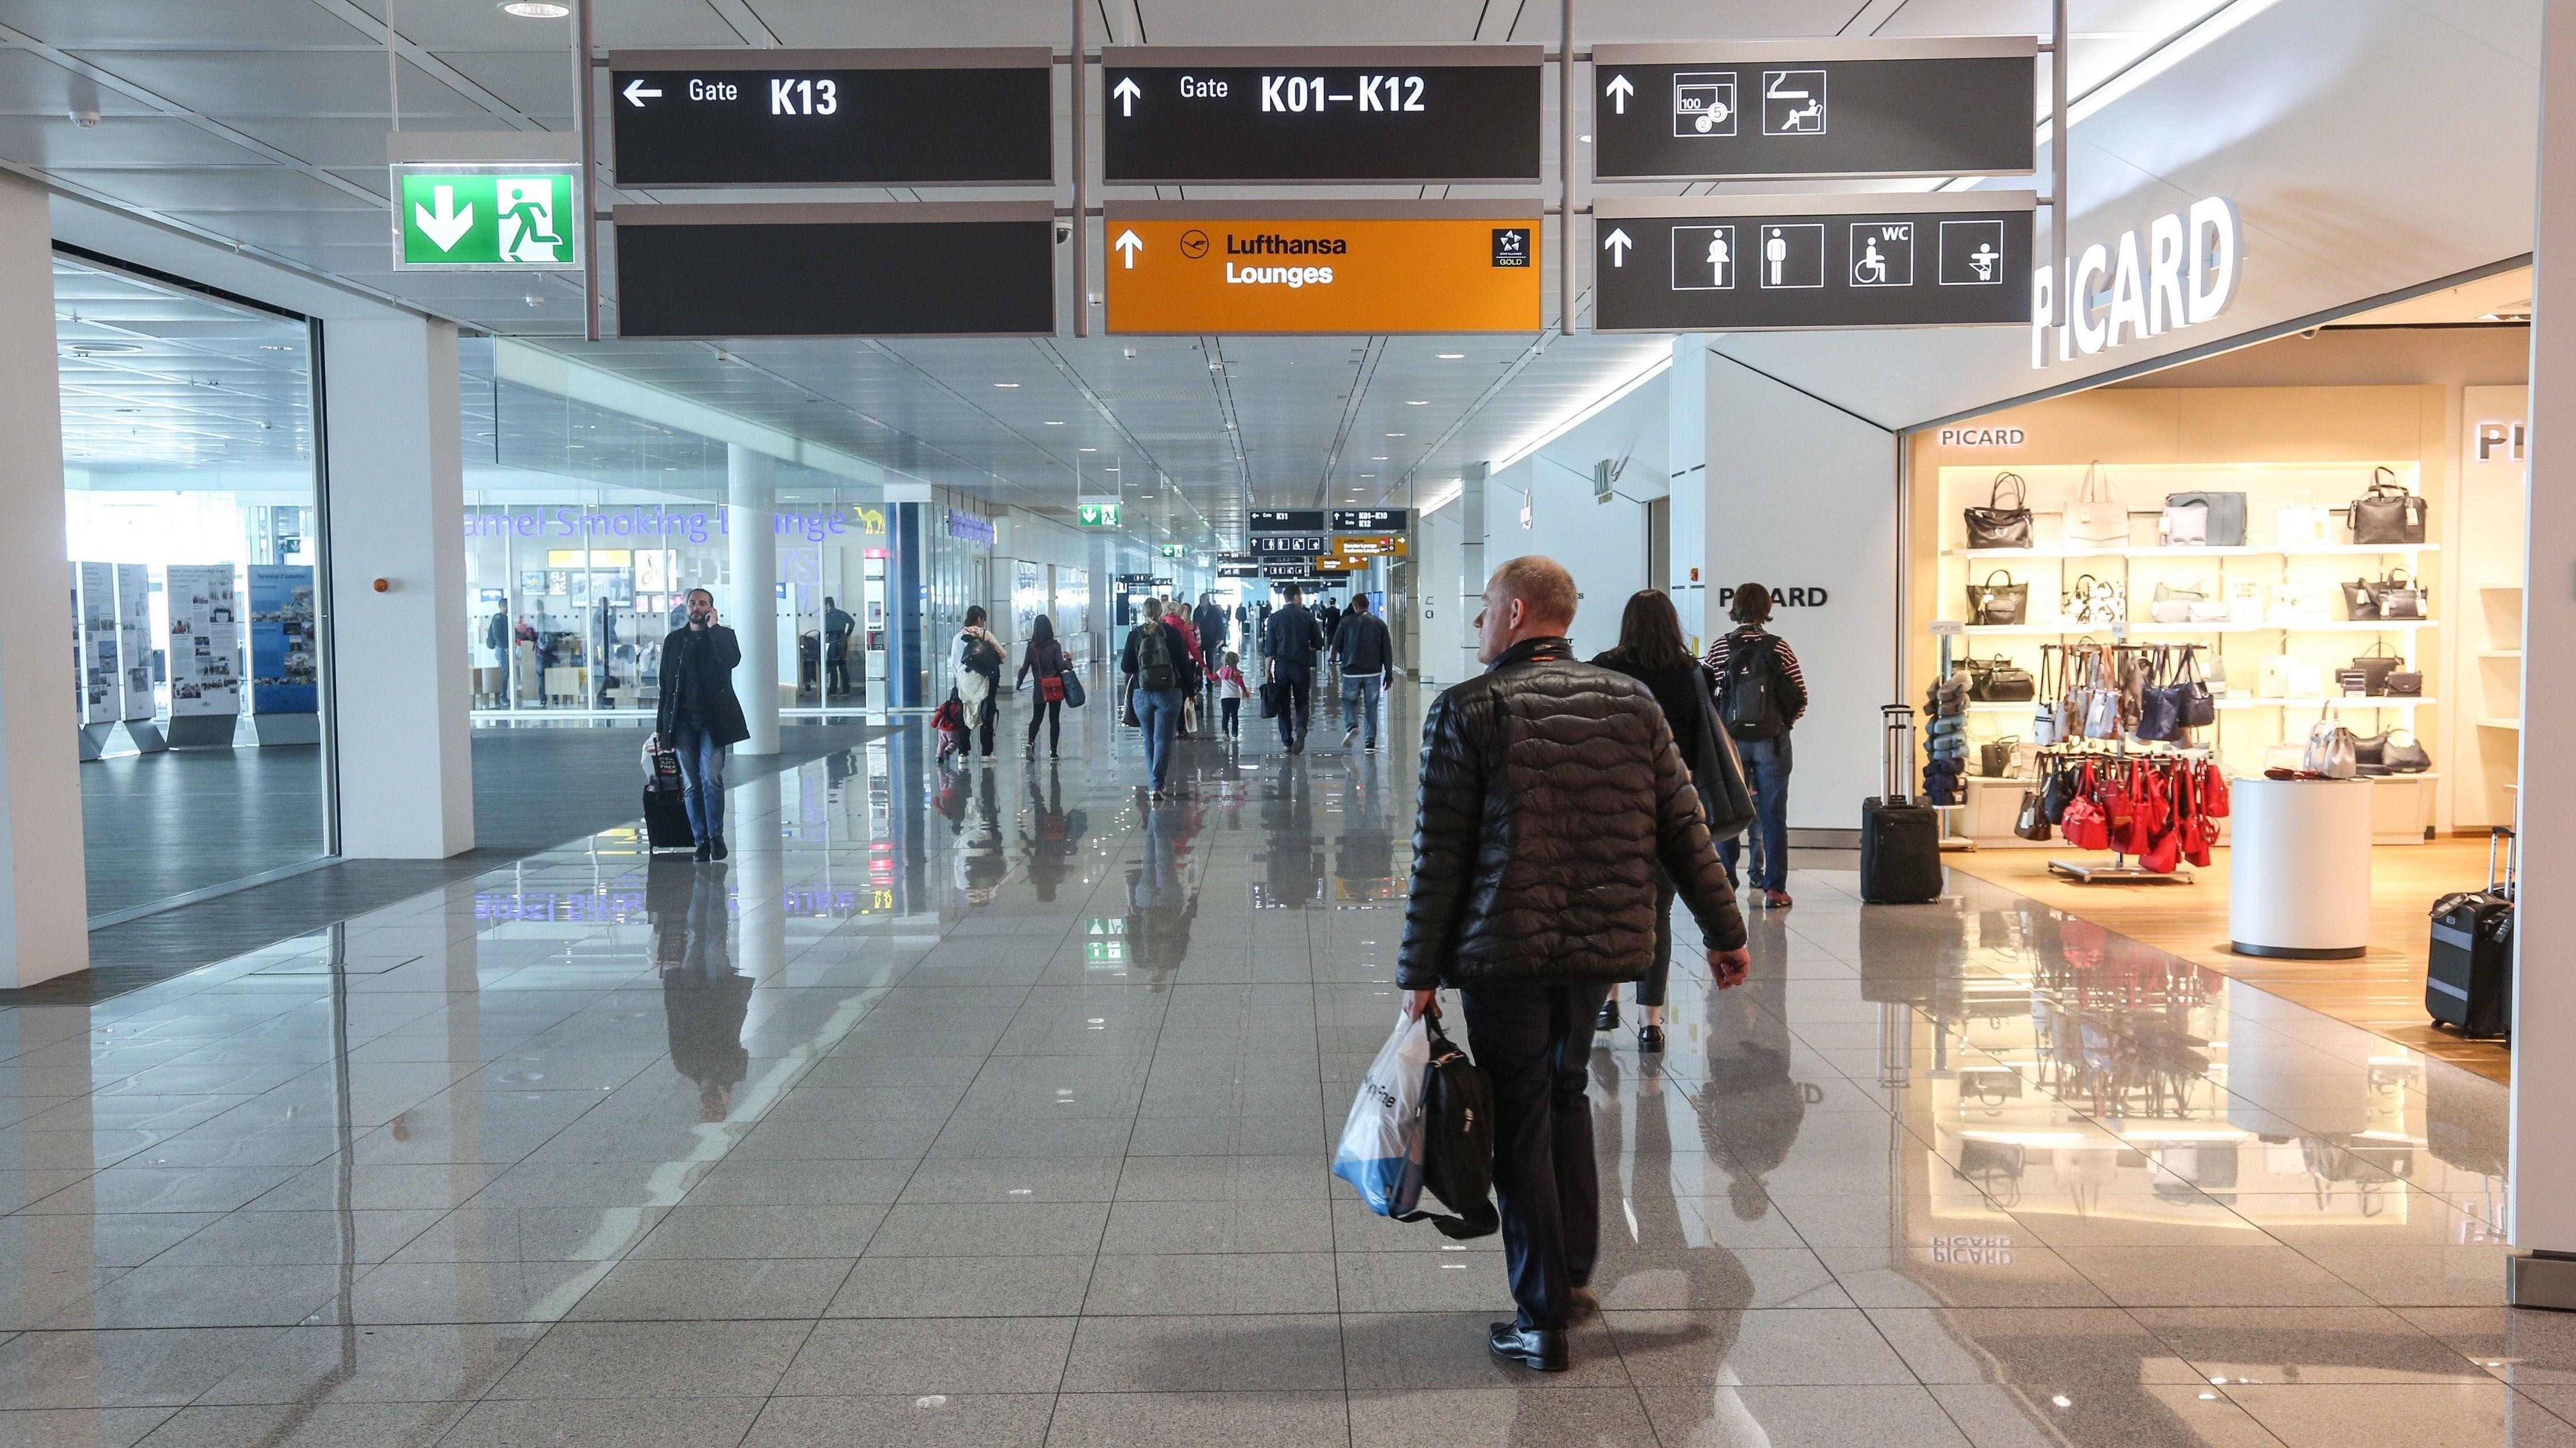 Terminal am Flughafen München